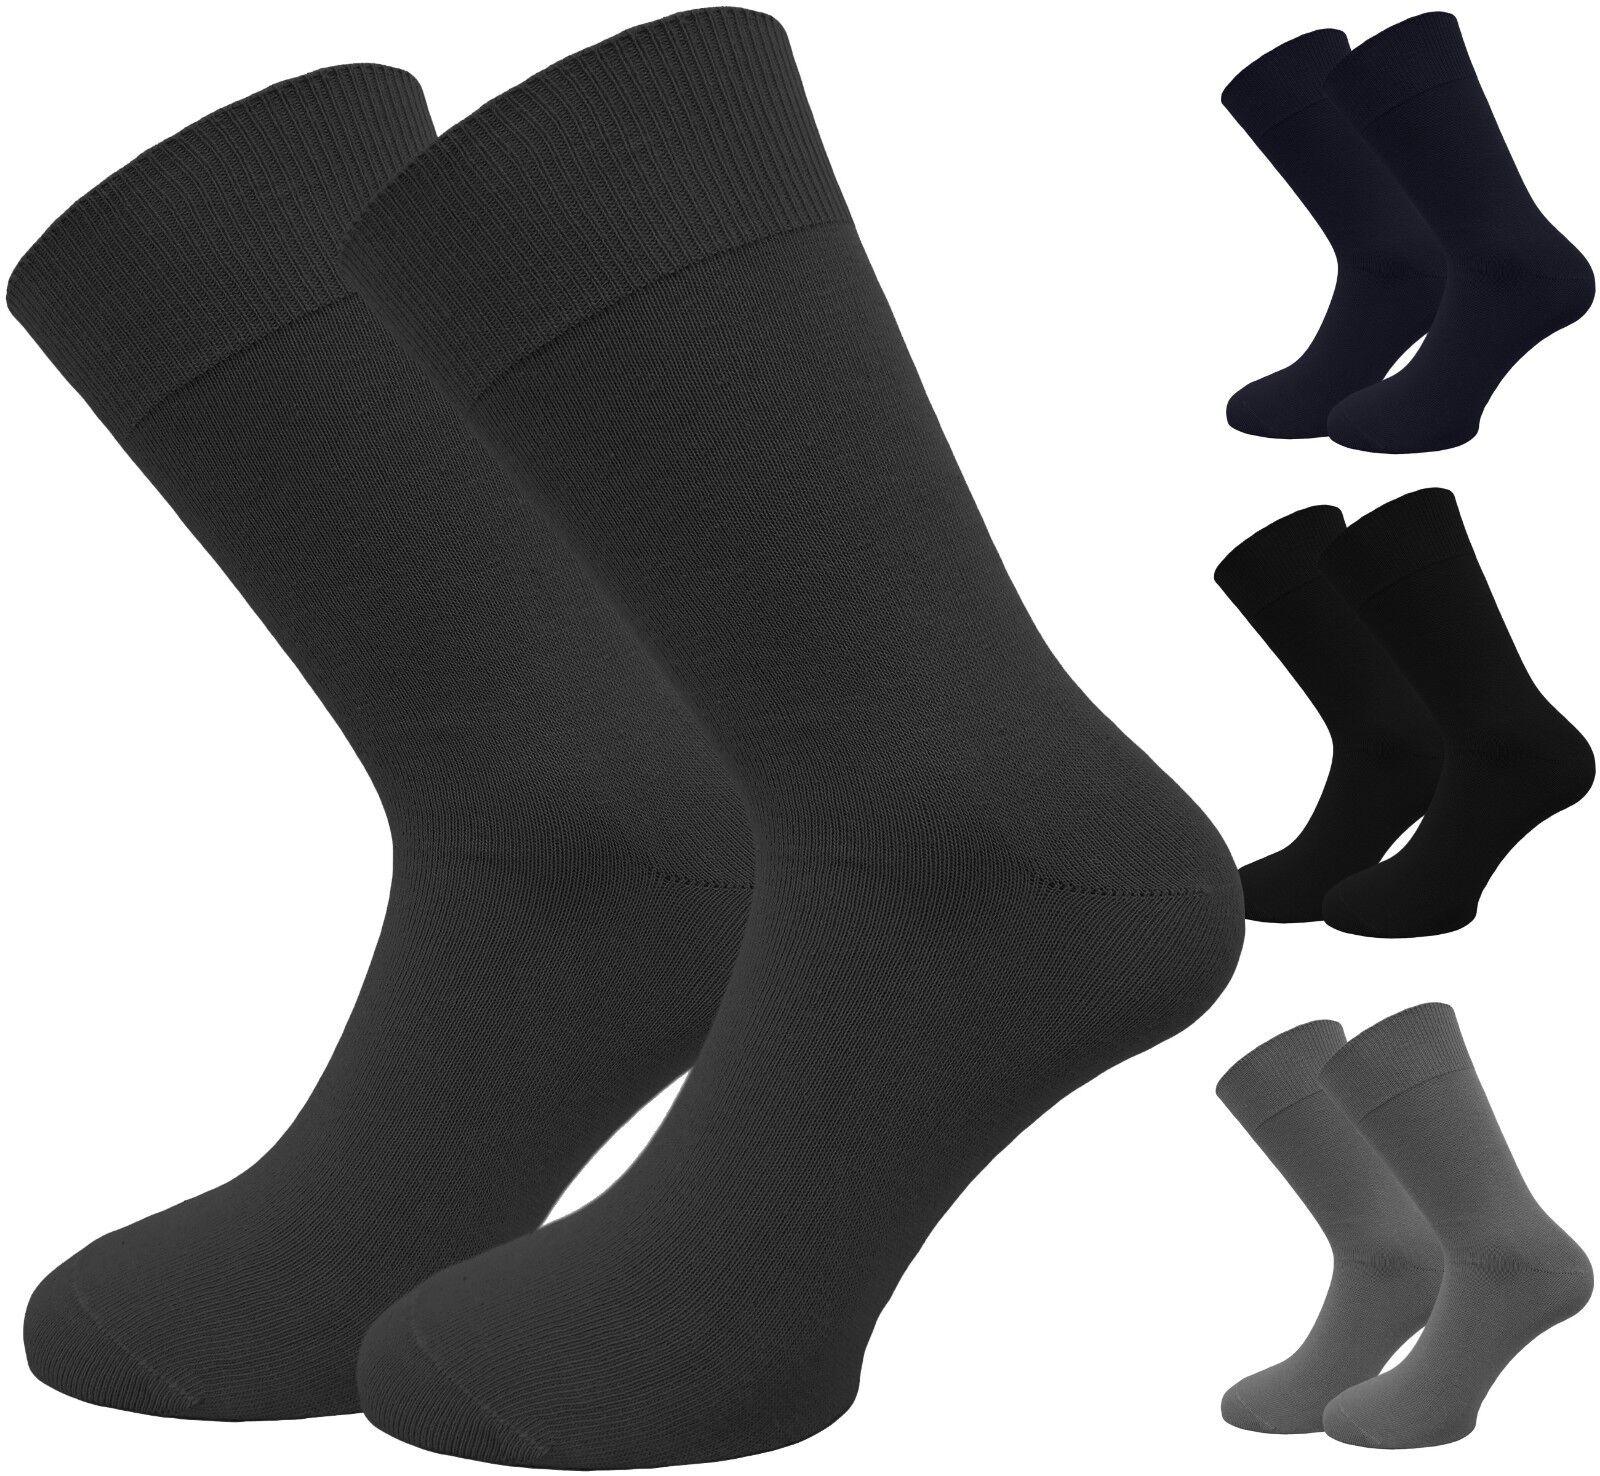 100% Baumwolle 10 Paar Socken für Männer grau und blau handgekettelt Komfortbund